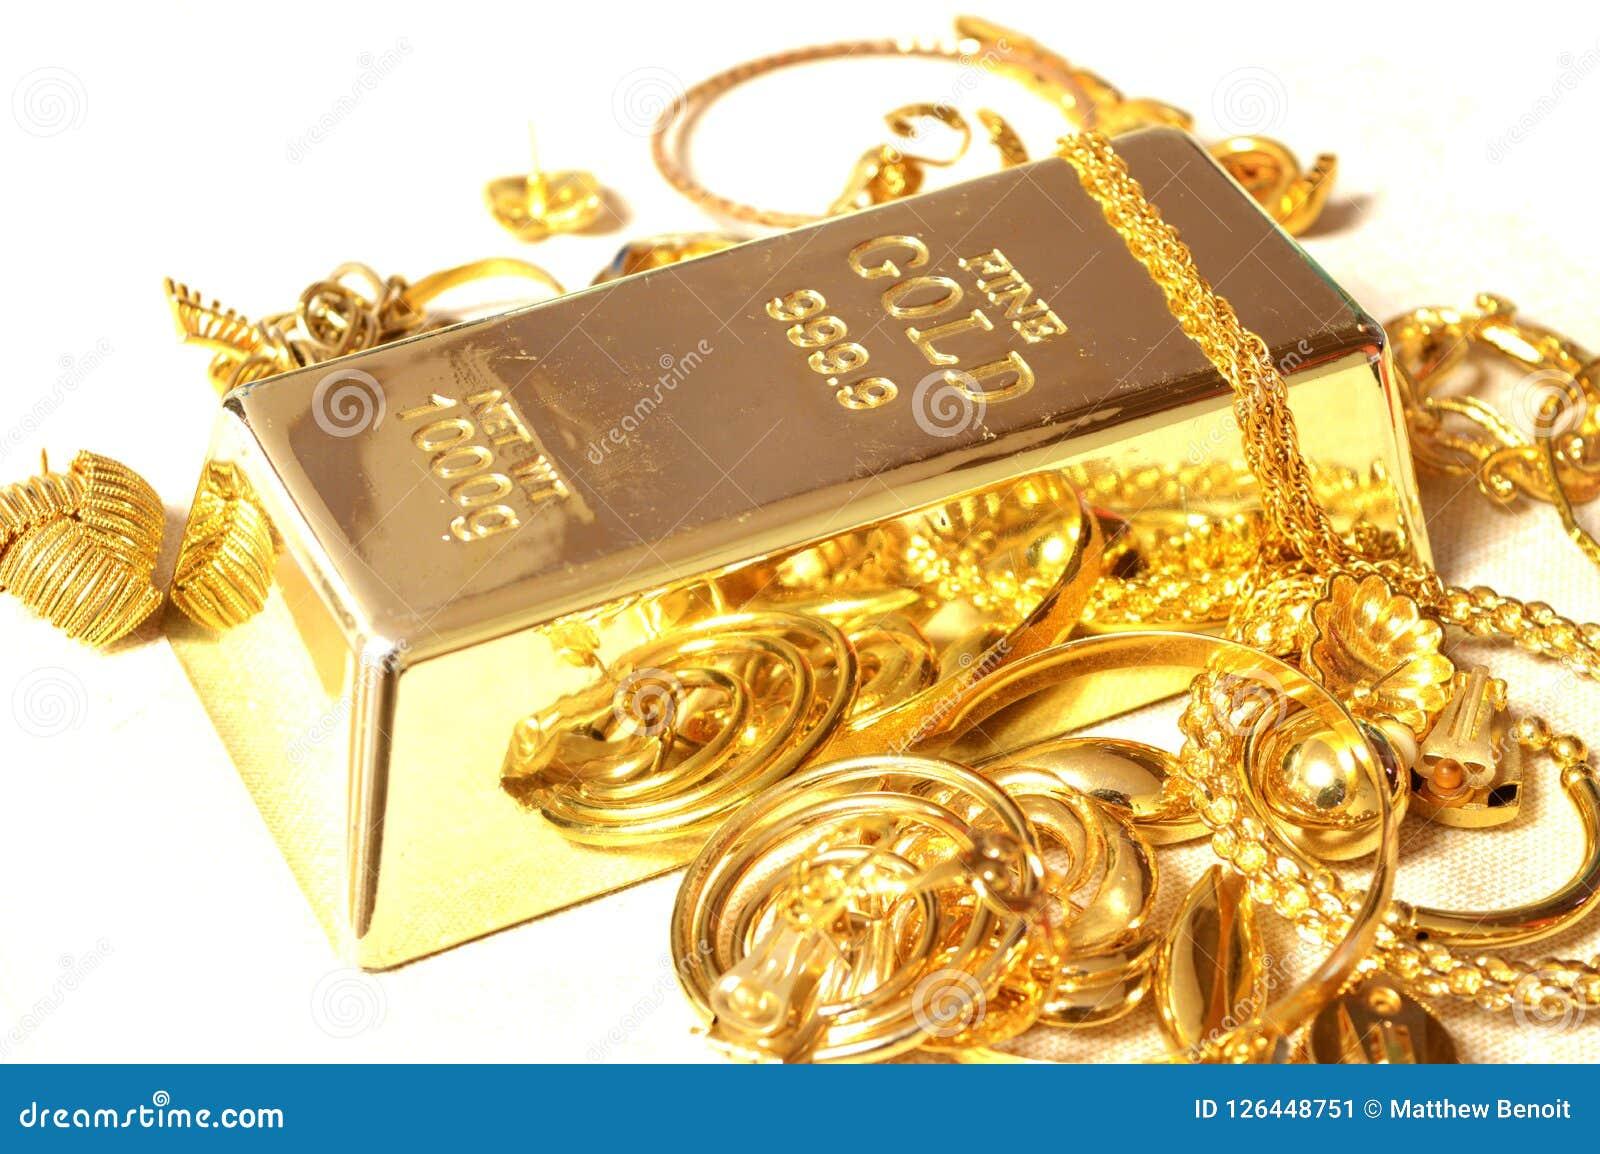 Бар и ювелирные изделия золота